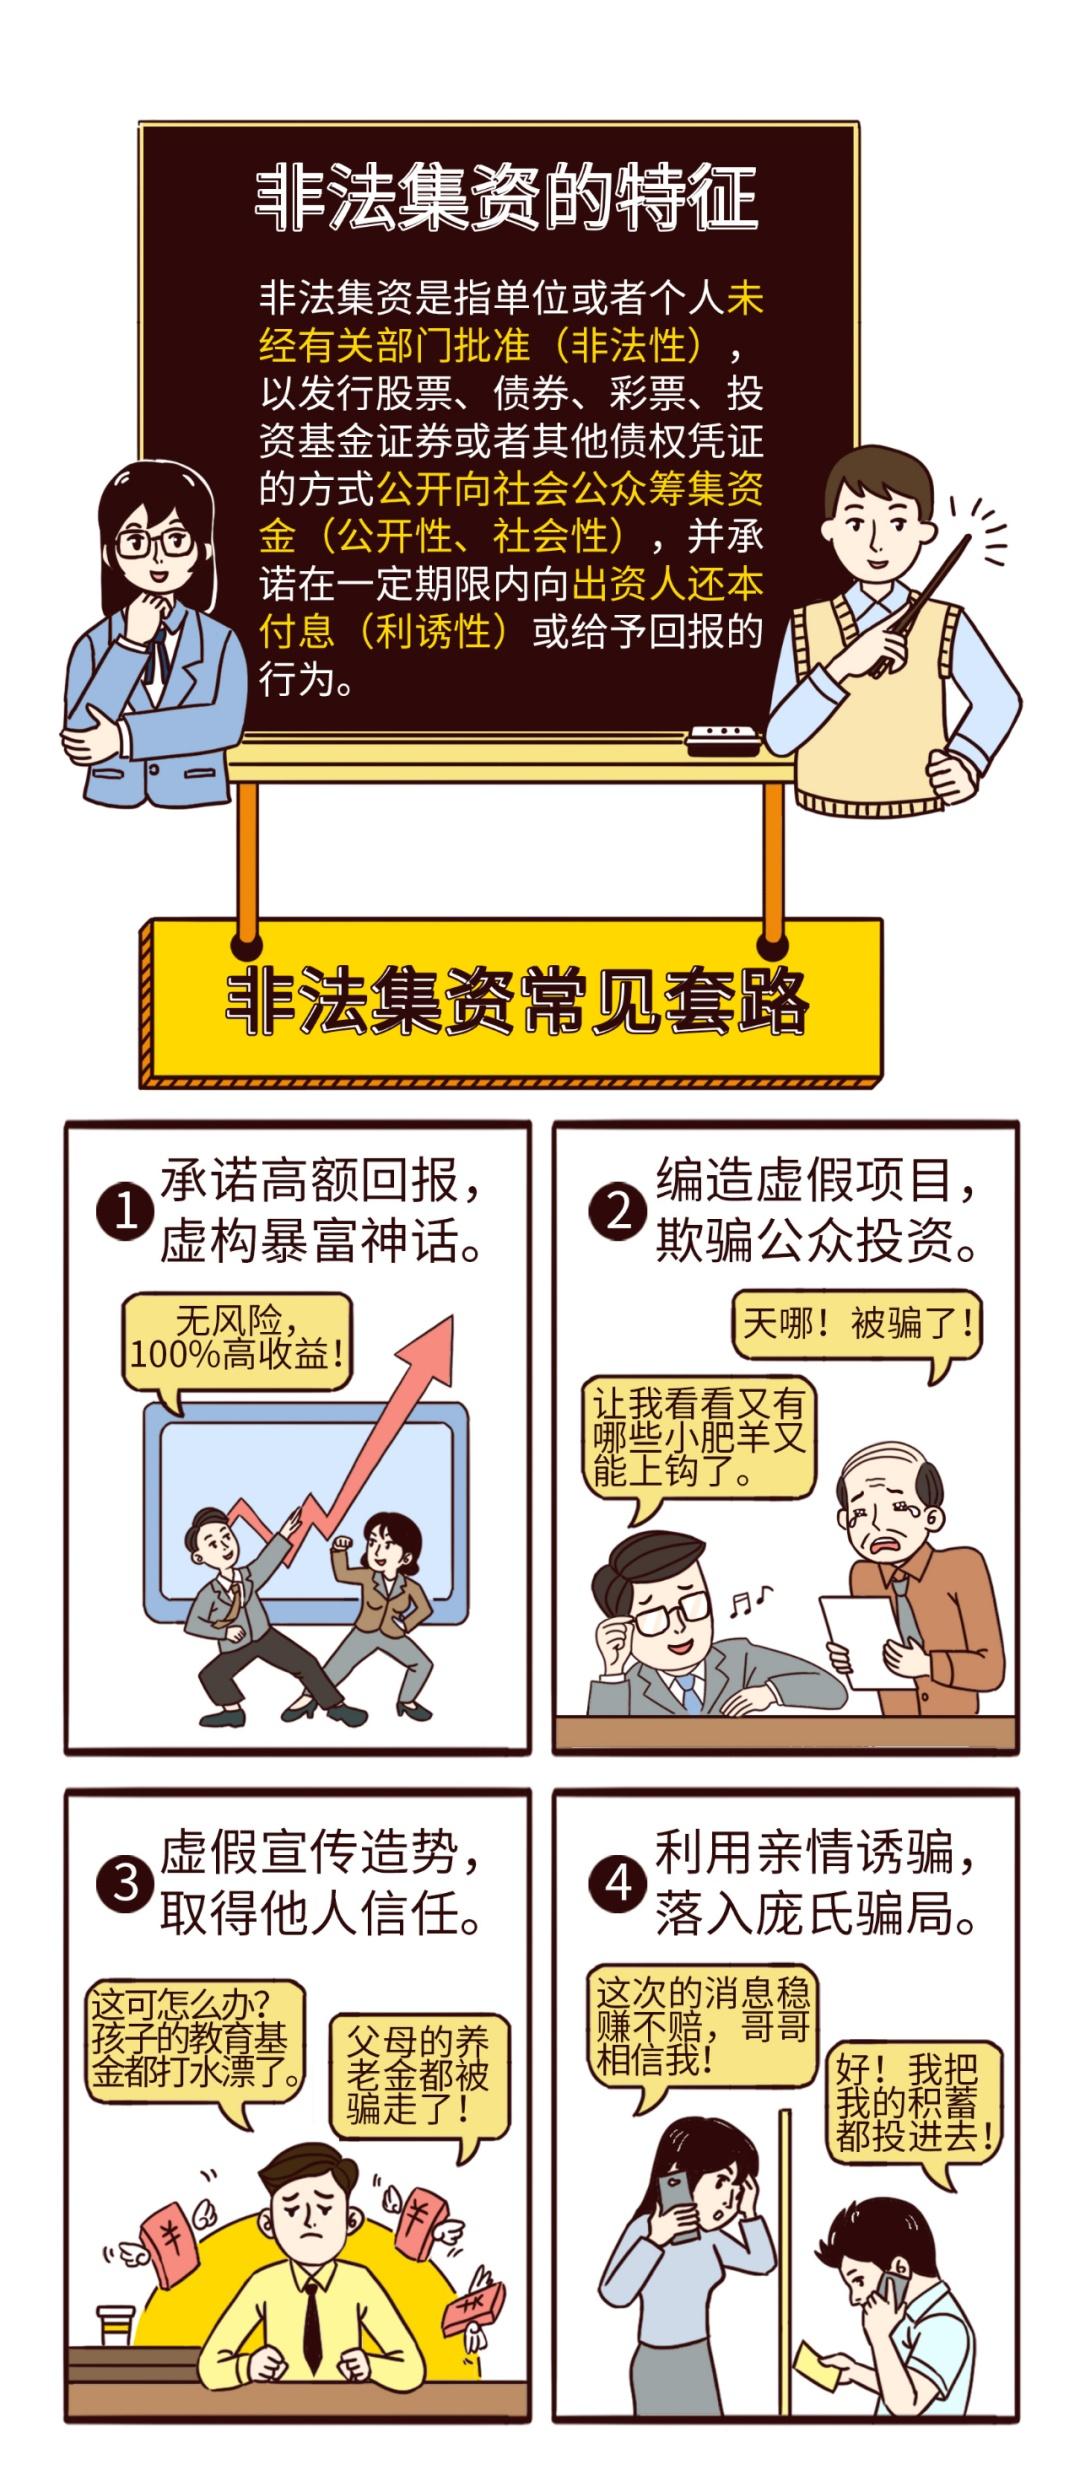 金融知识宣传普及:非法集资套路多 提高警惕勿上当